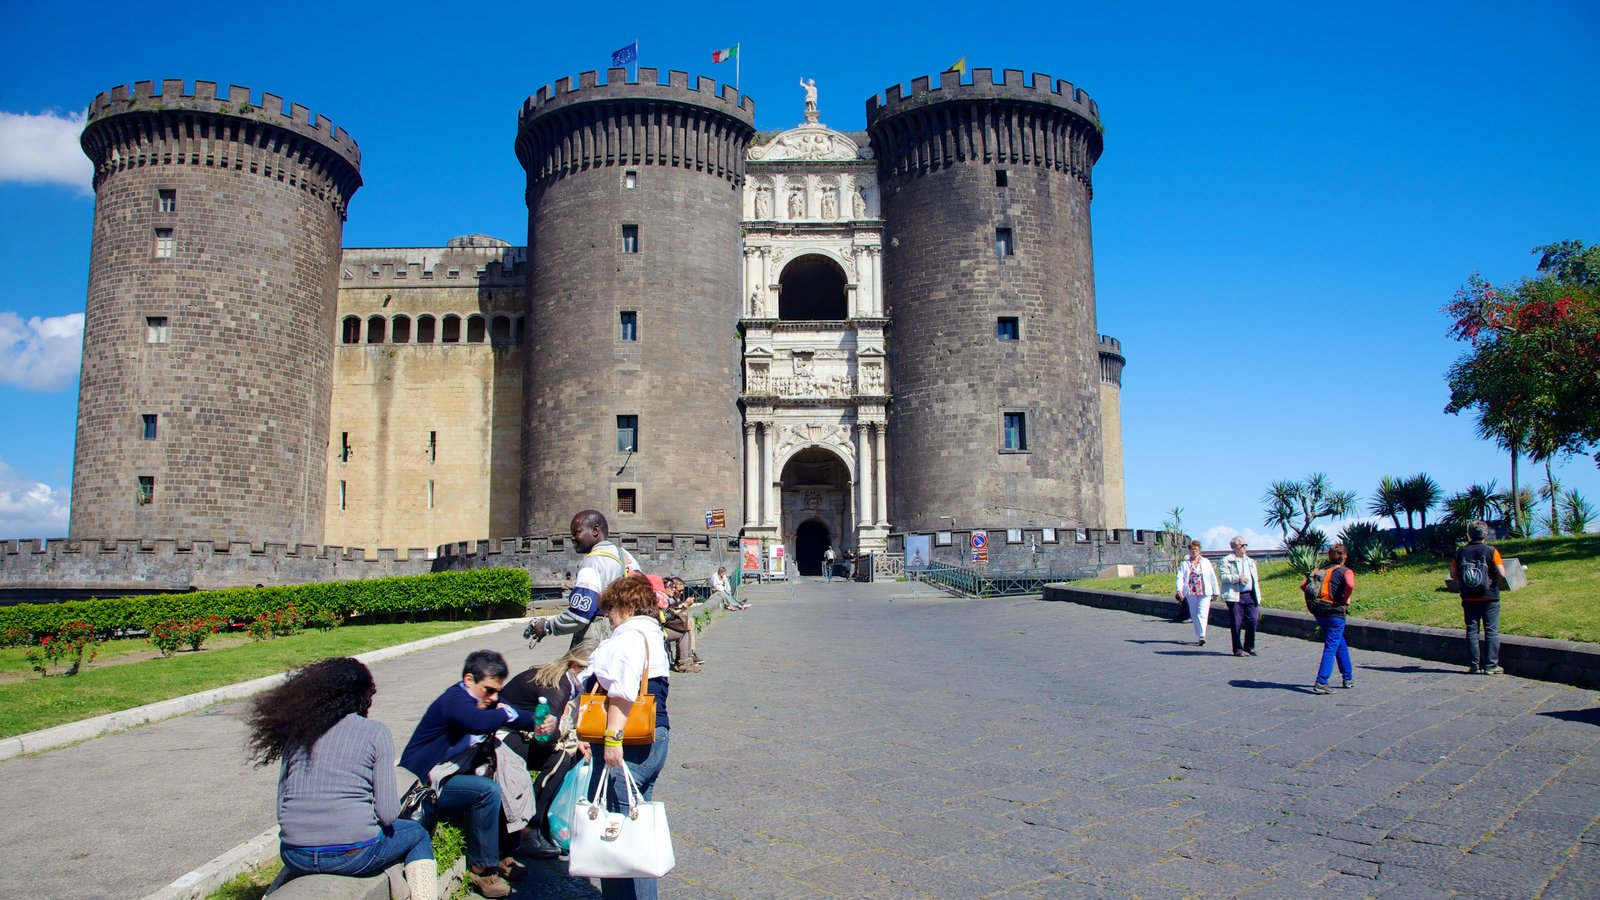 Piazza del Municipio mostrando um pequeno castelo ou palácio assim como um grande grupo de pessoas